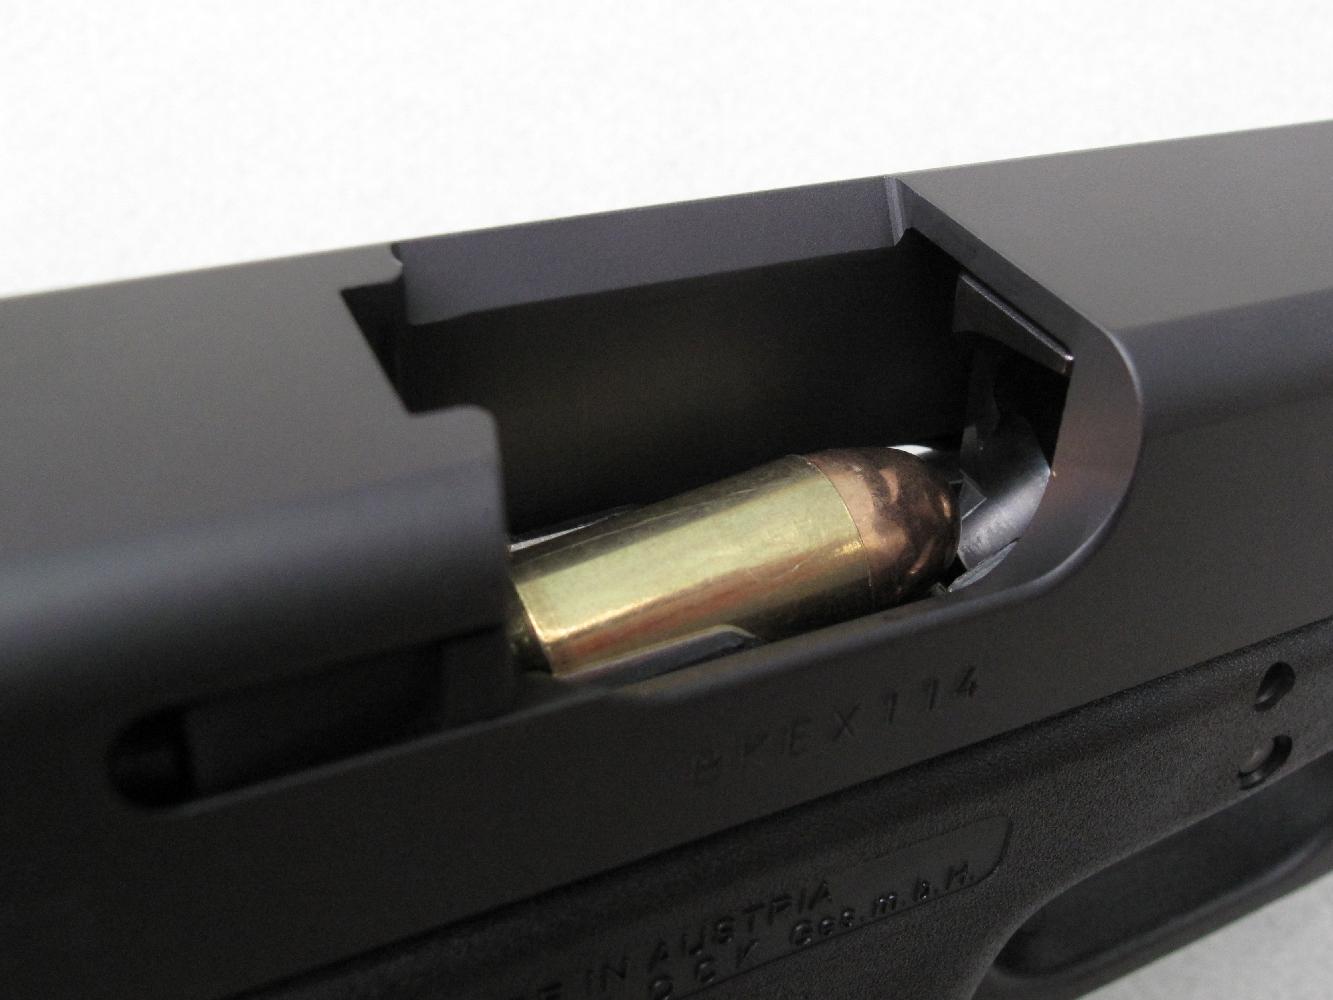 Cette vue, prise au travers de la fenêtre d'éjection, permet d'observer la grosse cartouche de calibre .45 ACP face à la rampe d'alimentation du canon.